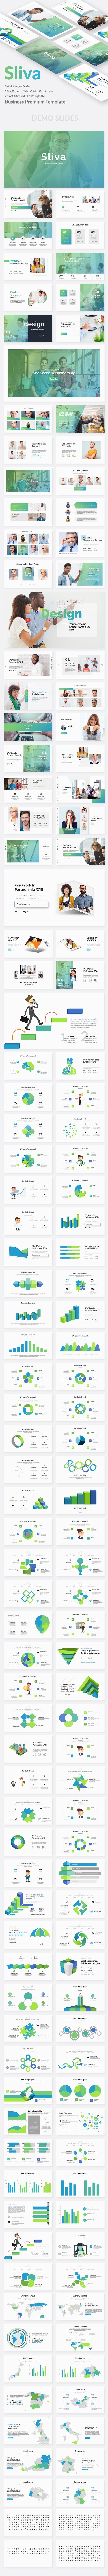 Sliva Business Google Slide Template - Google Slides Presentation Templates